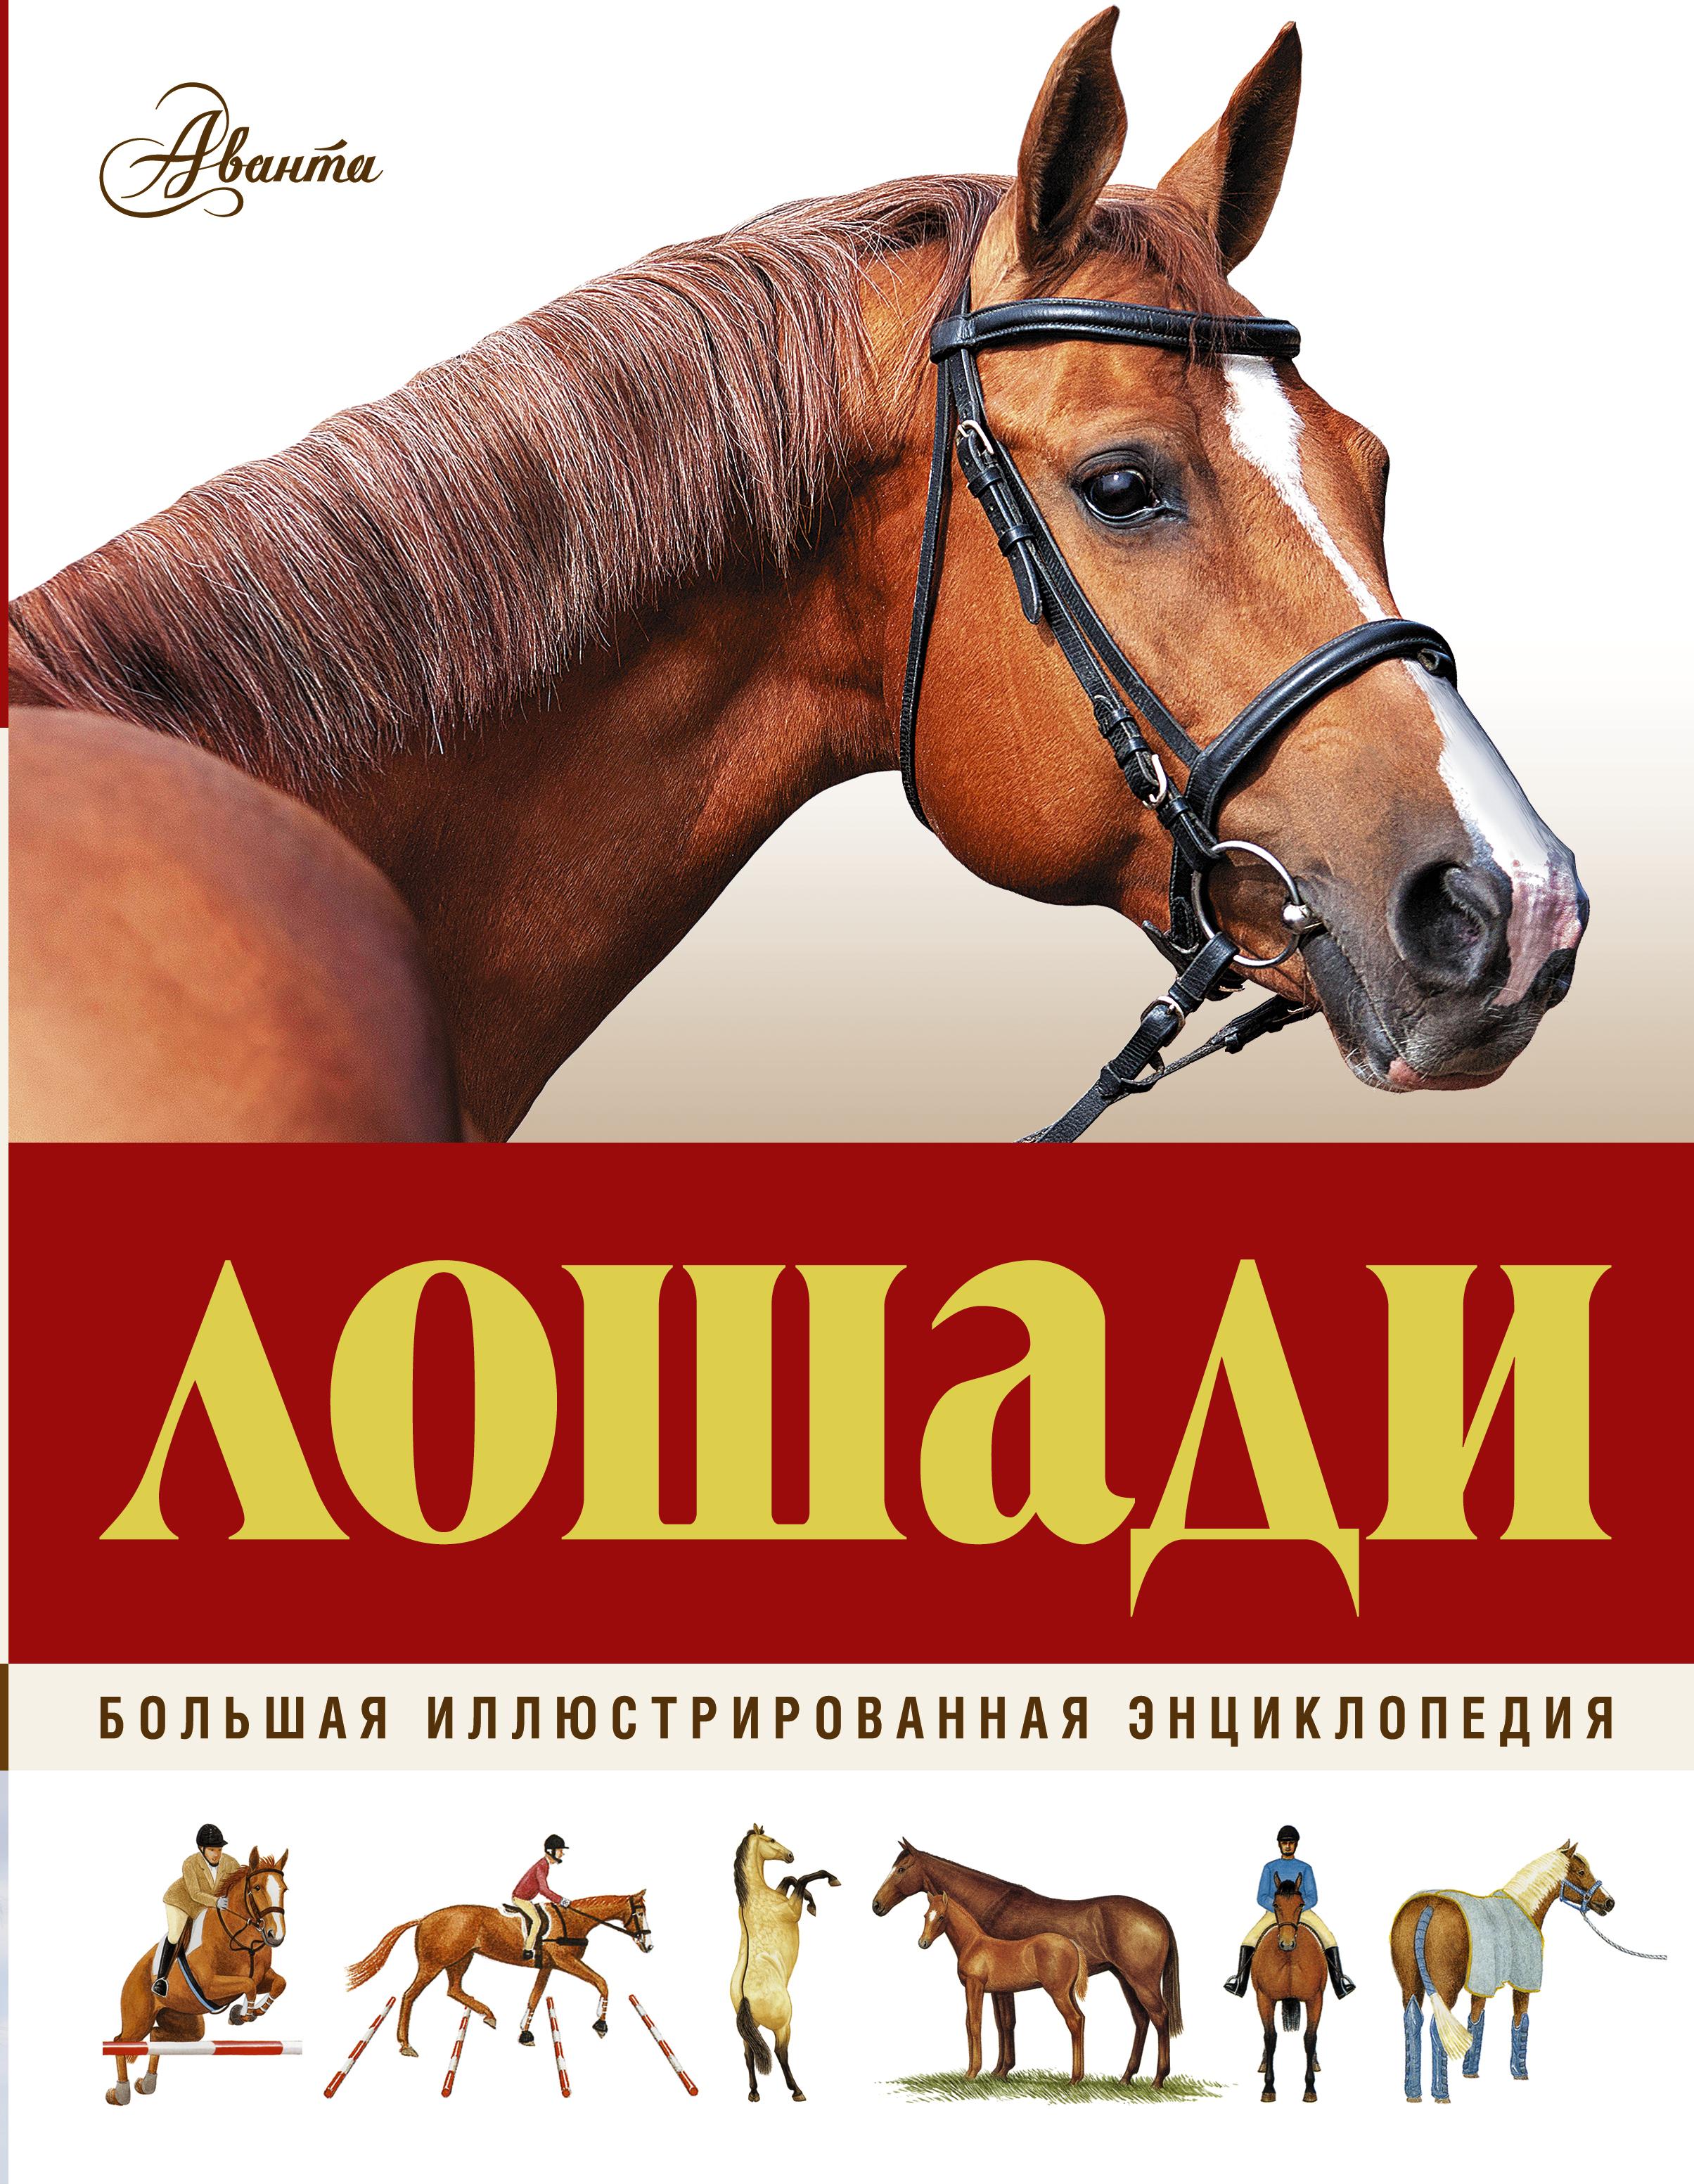 . Большая иллюстрированная энциклопедия. Лошади травина и в лошади самая первая энциклопедия